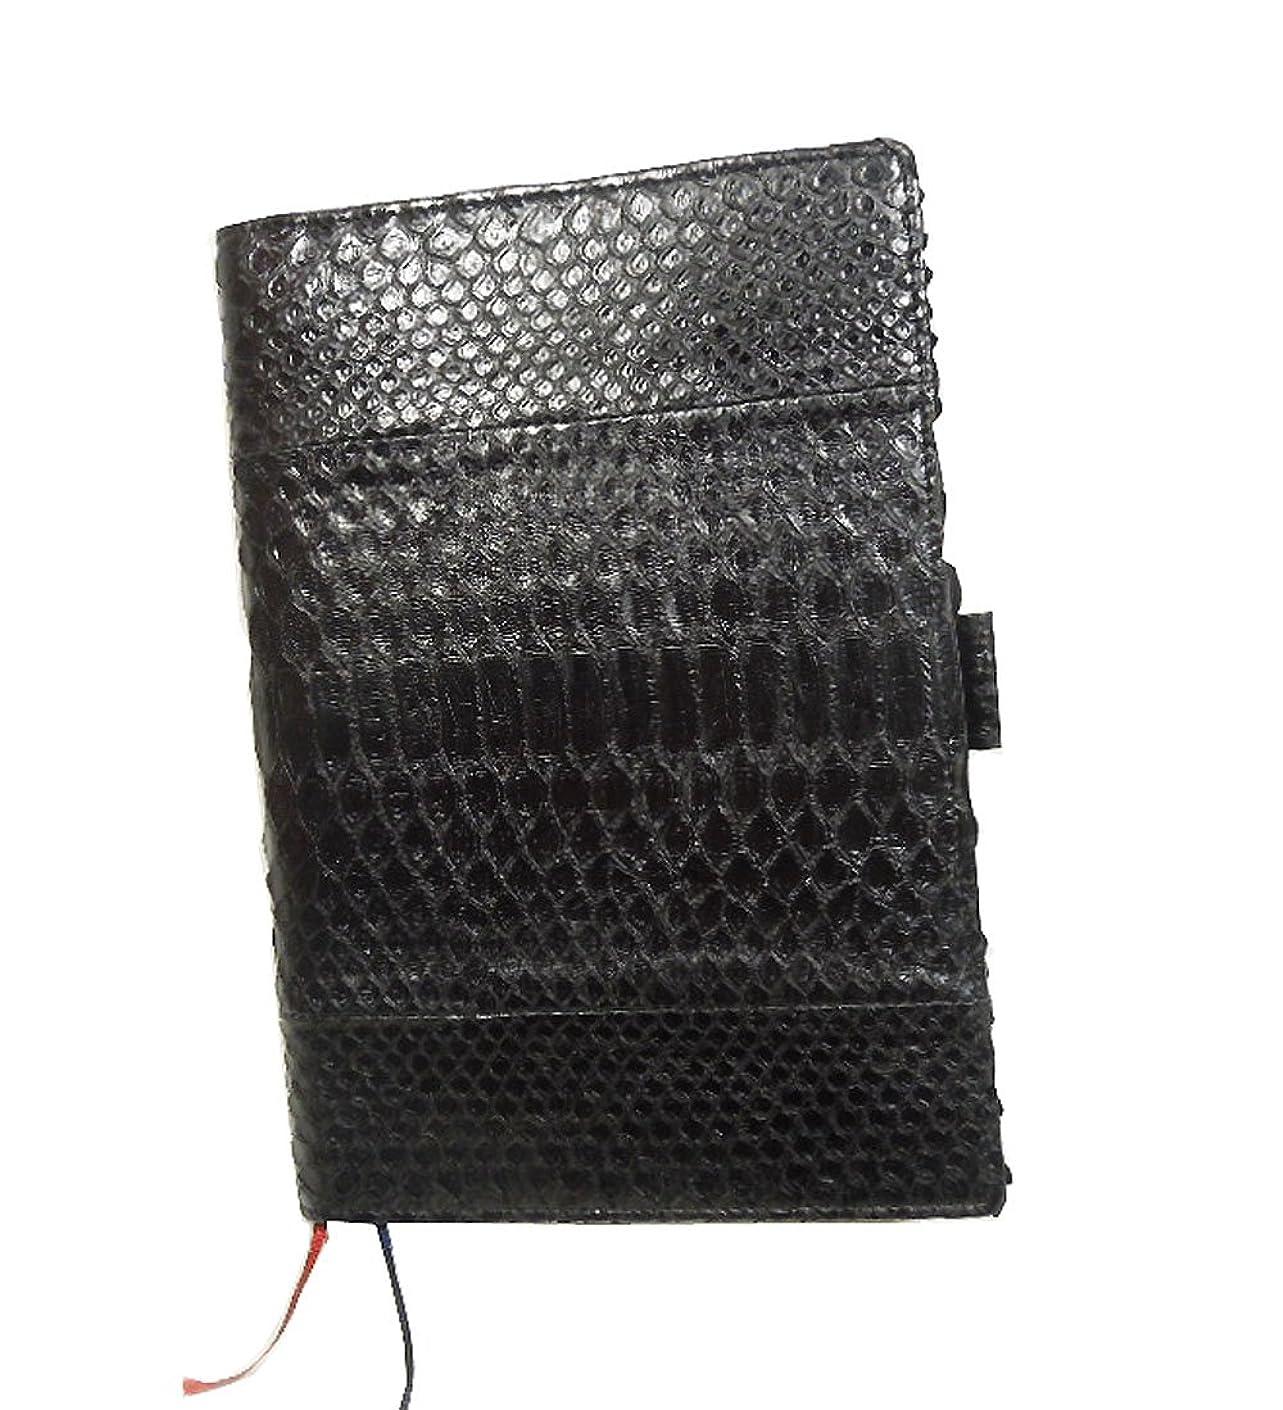 有毒ペパーミントはいDIARY COVER パイソン本革 年版ダイアリーカバー A5サイズ 蛇革 (Black (ブラック))